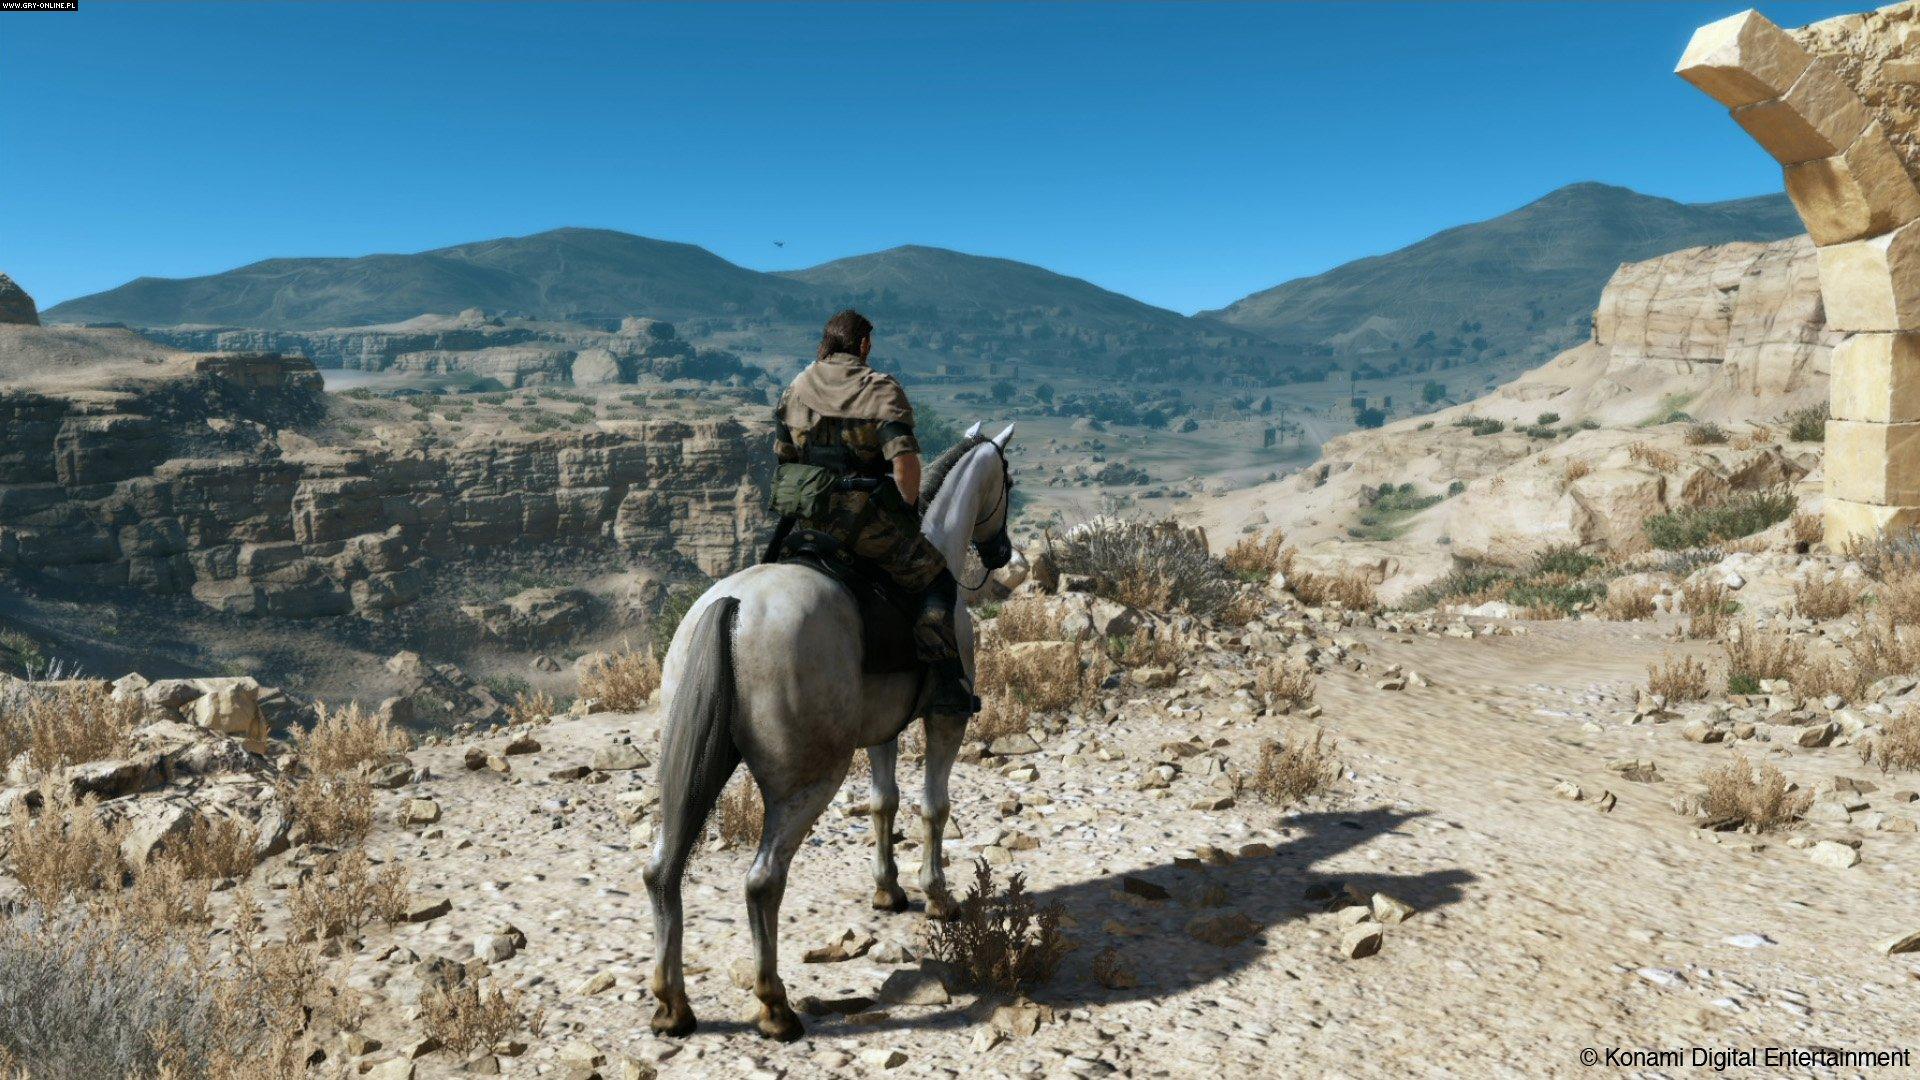 Metal Gear Solid V: The Phantom Pain Free